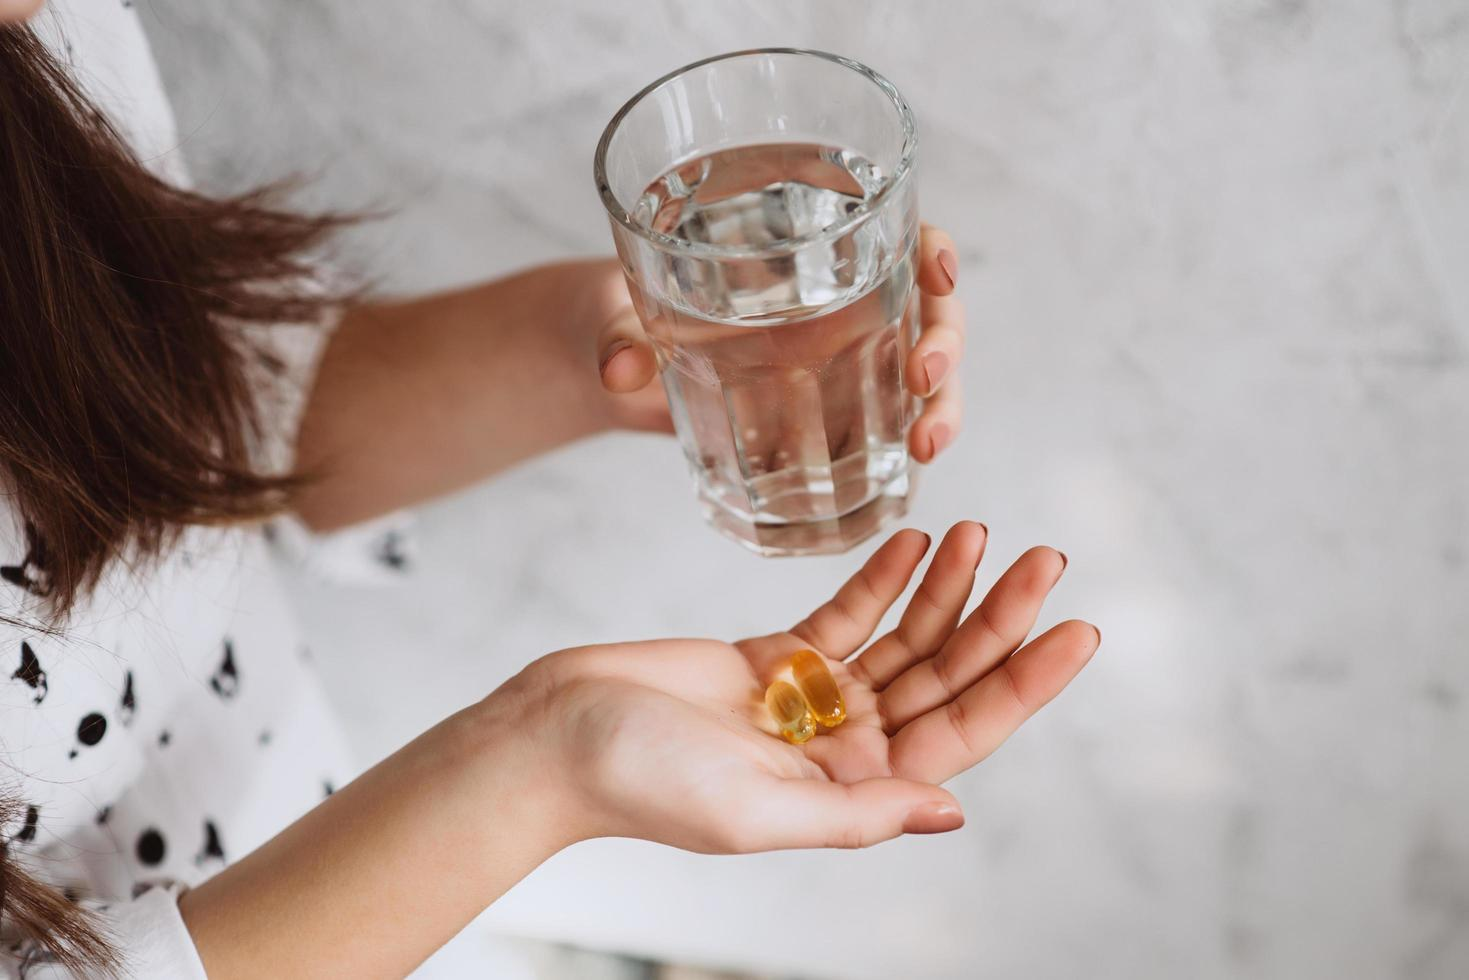 Mädchenhände mit Pillen mit Lebertran Omega-3-Öl und einem Glas frischem Wasser. foto